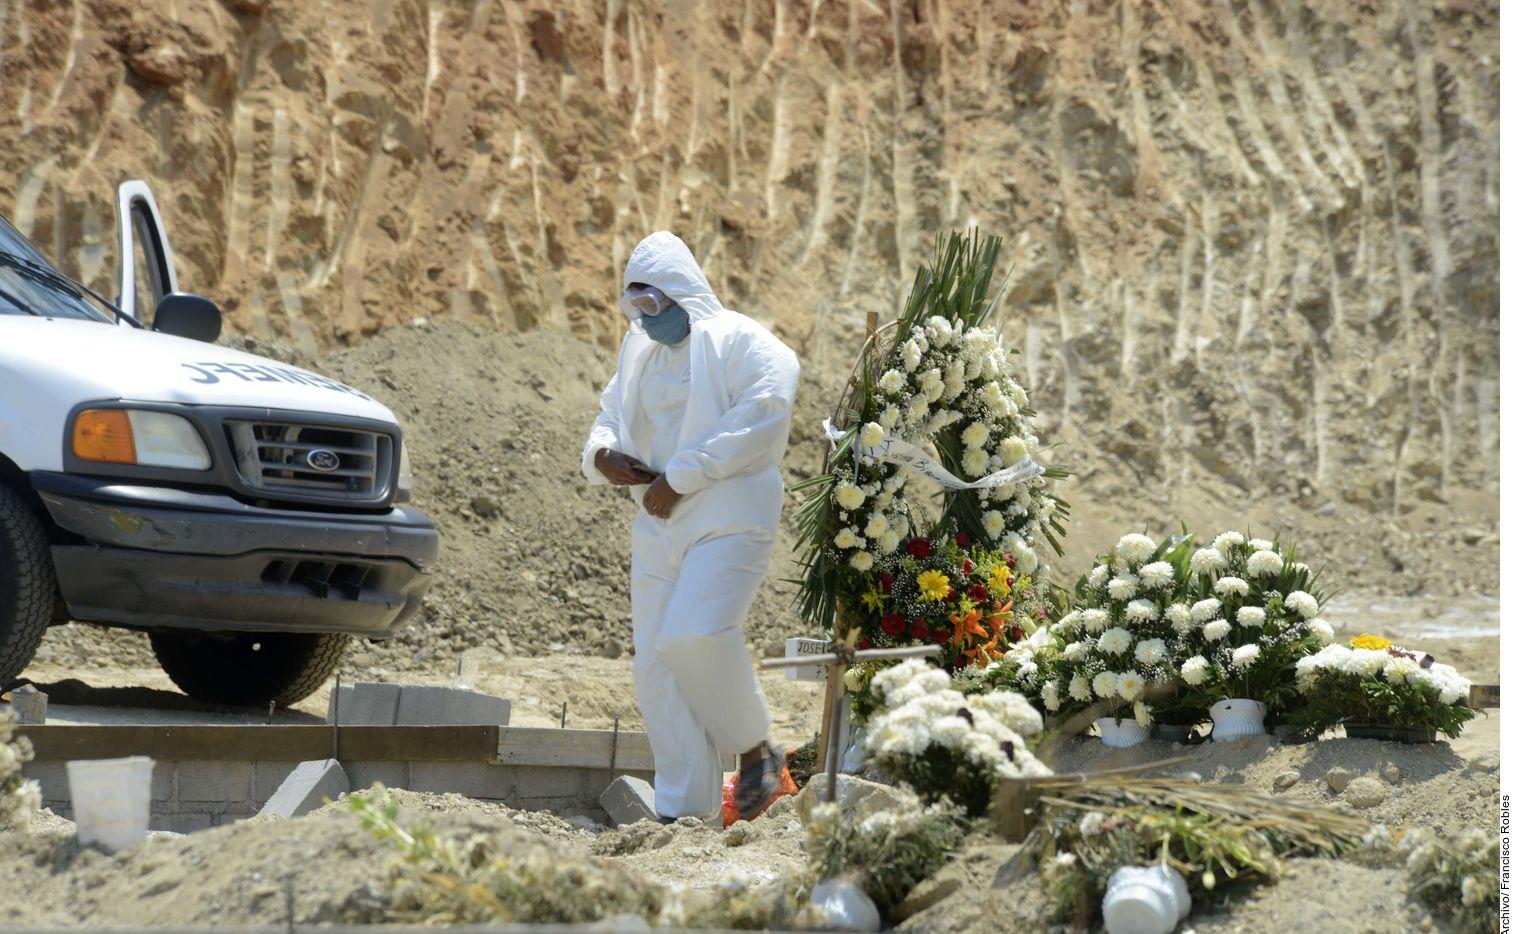 Varios cementerios mexicanos han abierto fosas comunes para que las familias que no tienen recursos económicos para contratar cremaciones ni servicios funerarios especiales puedan depositar los restos de sus seres queridos víctimas del coronavirus.